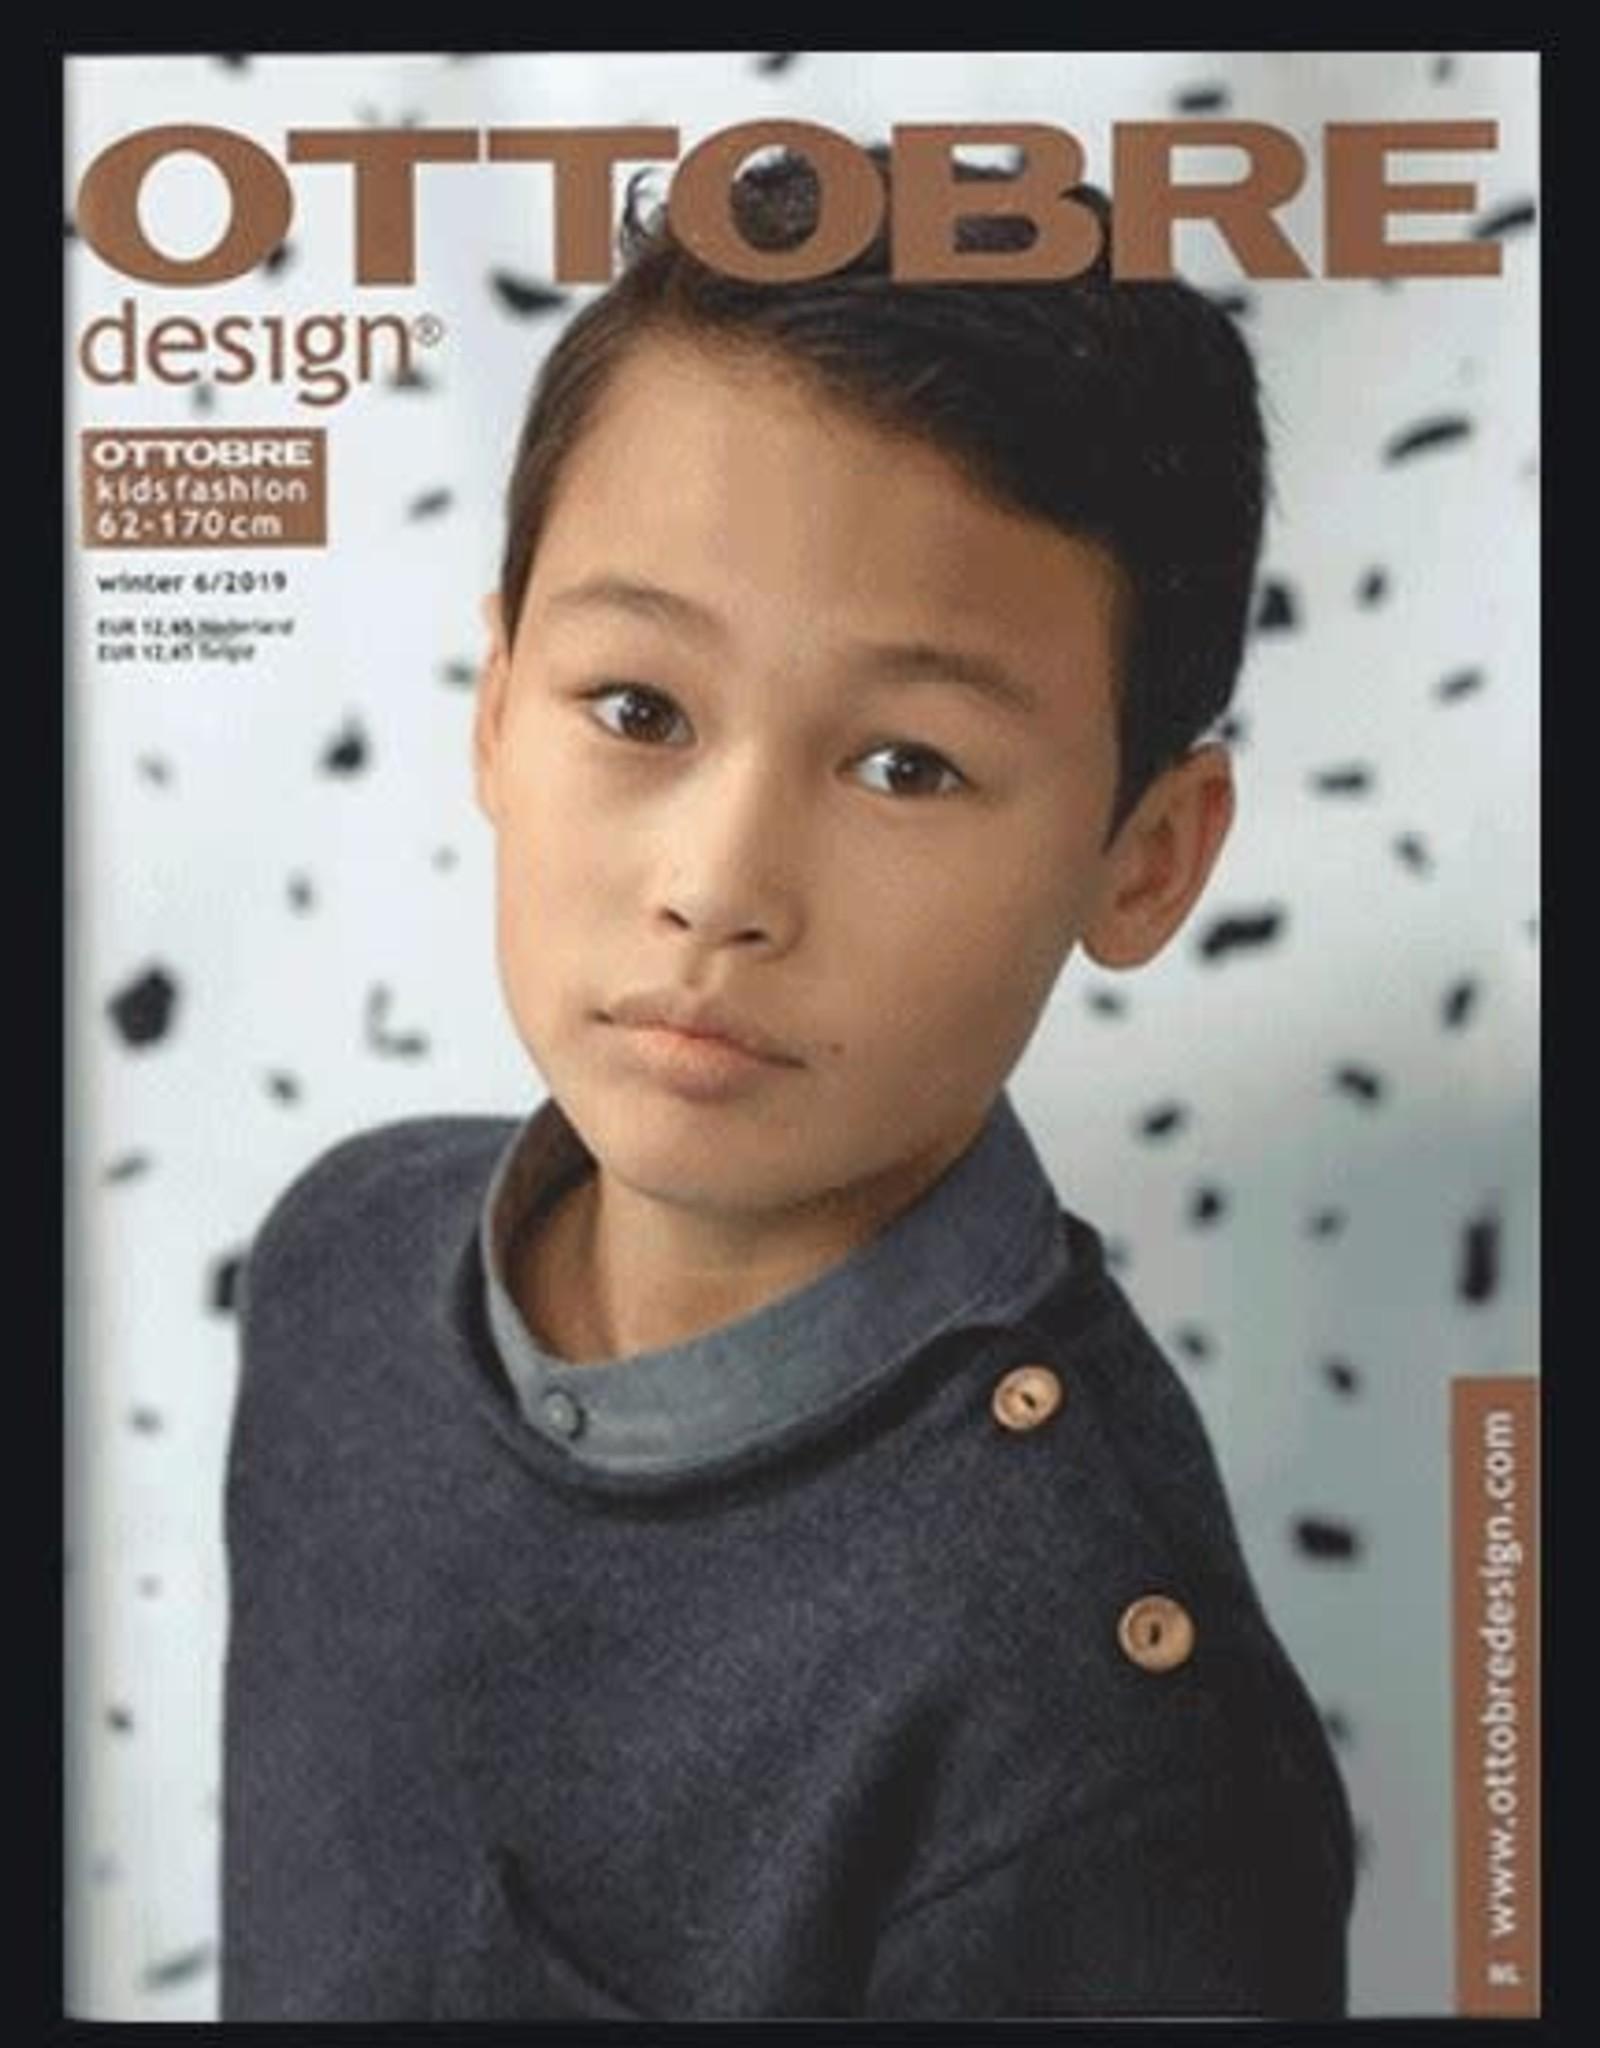 Magazine Ottobre kids winter 6/2019